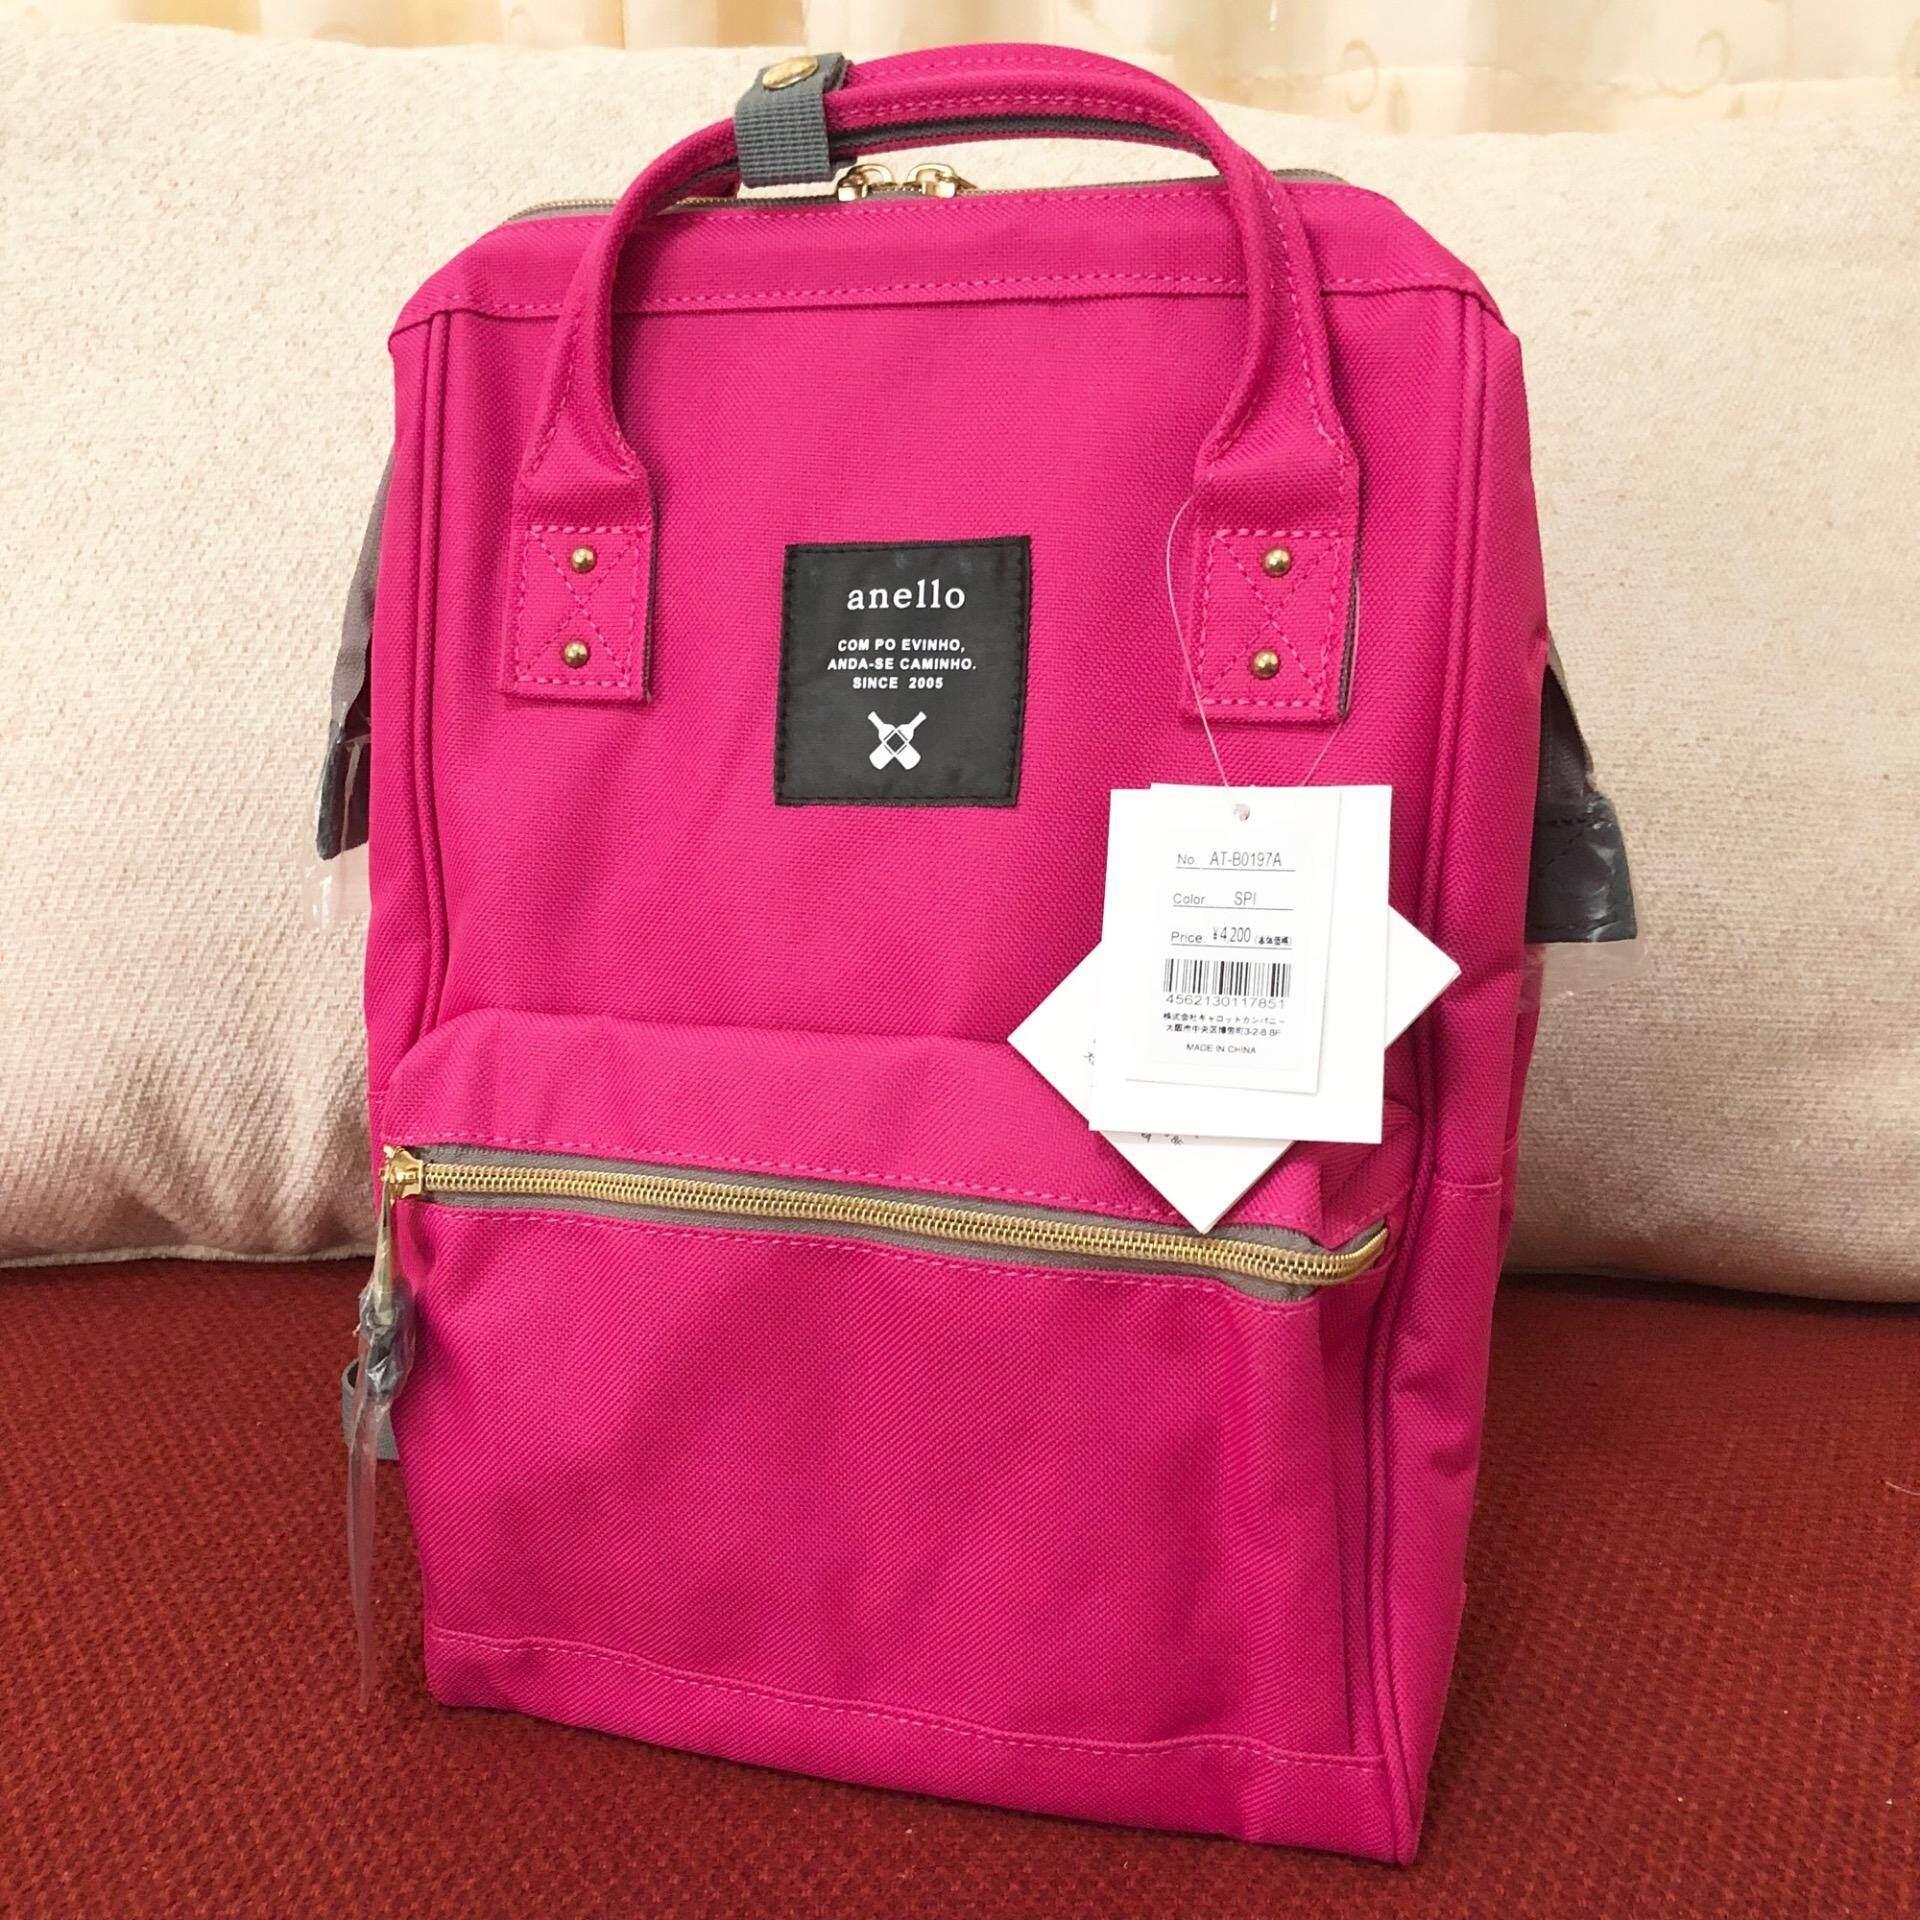 สอนใช้งาน  สุราษฎร์ธานี Anello Polycanvas Mini Size Backpack ❌ไม่มีช่องใส่ขวดน้ำด้านข้าง❌ (Shocking Pink)